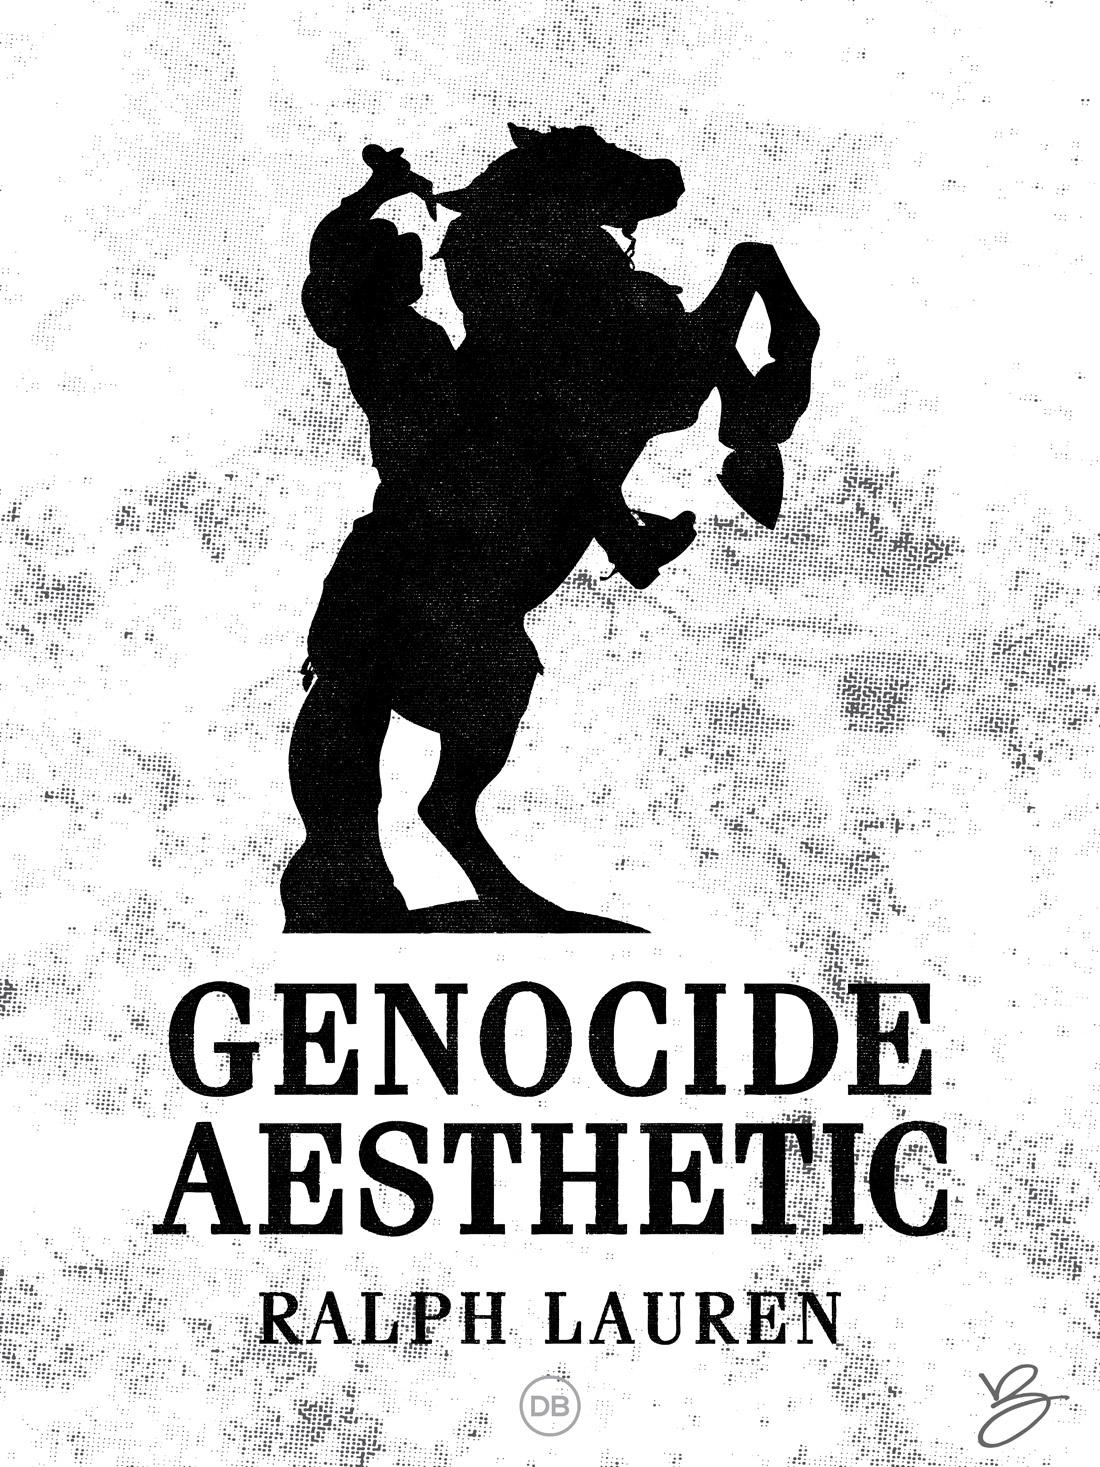 David Bernie Genocide Aesthetic Ralph Lauren Indian Country 52 Week 51